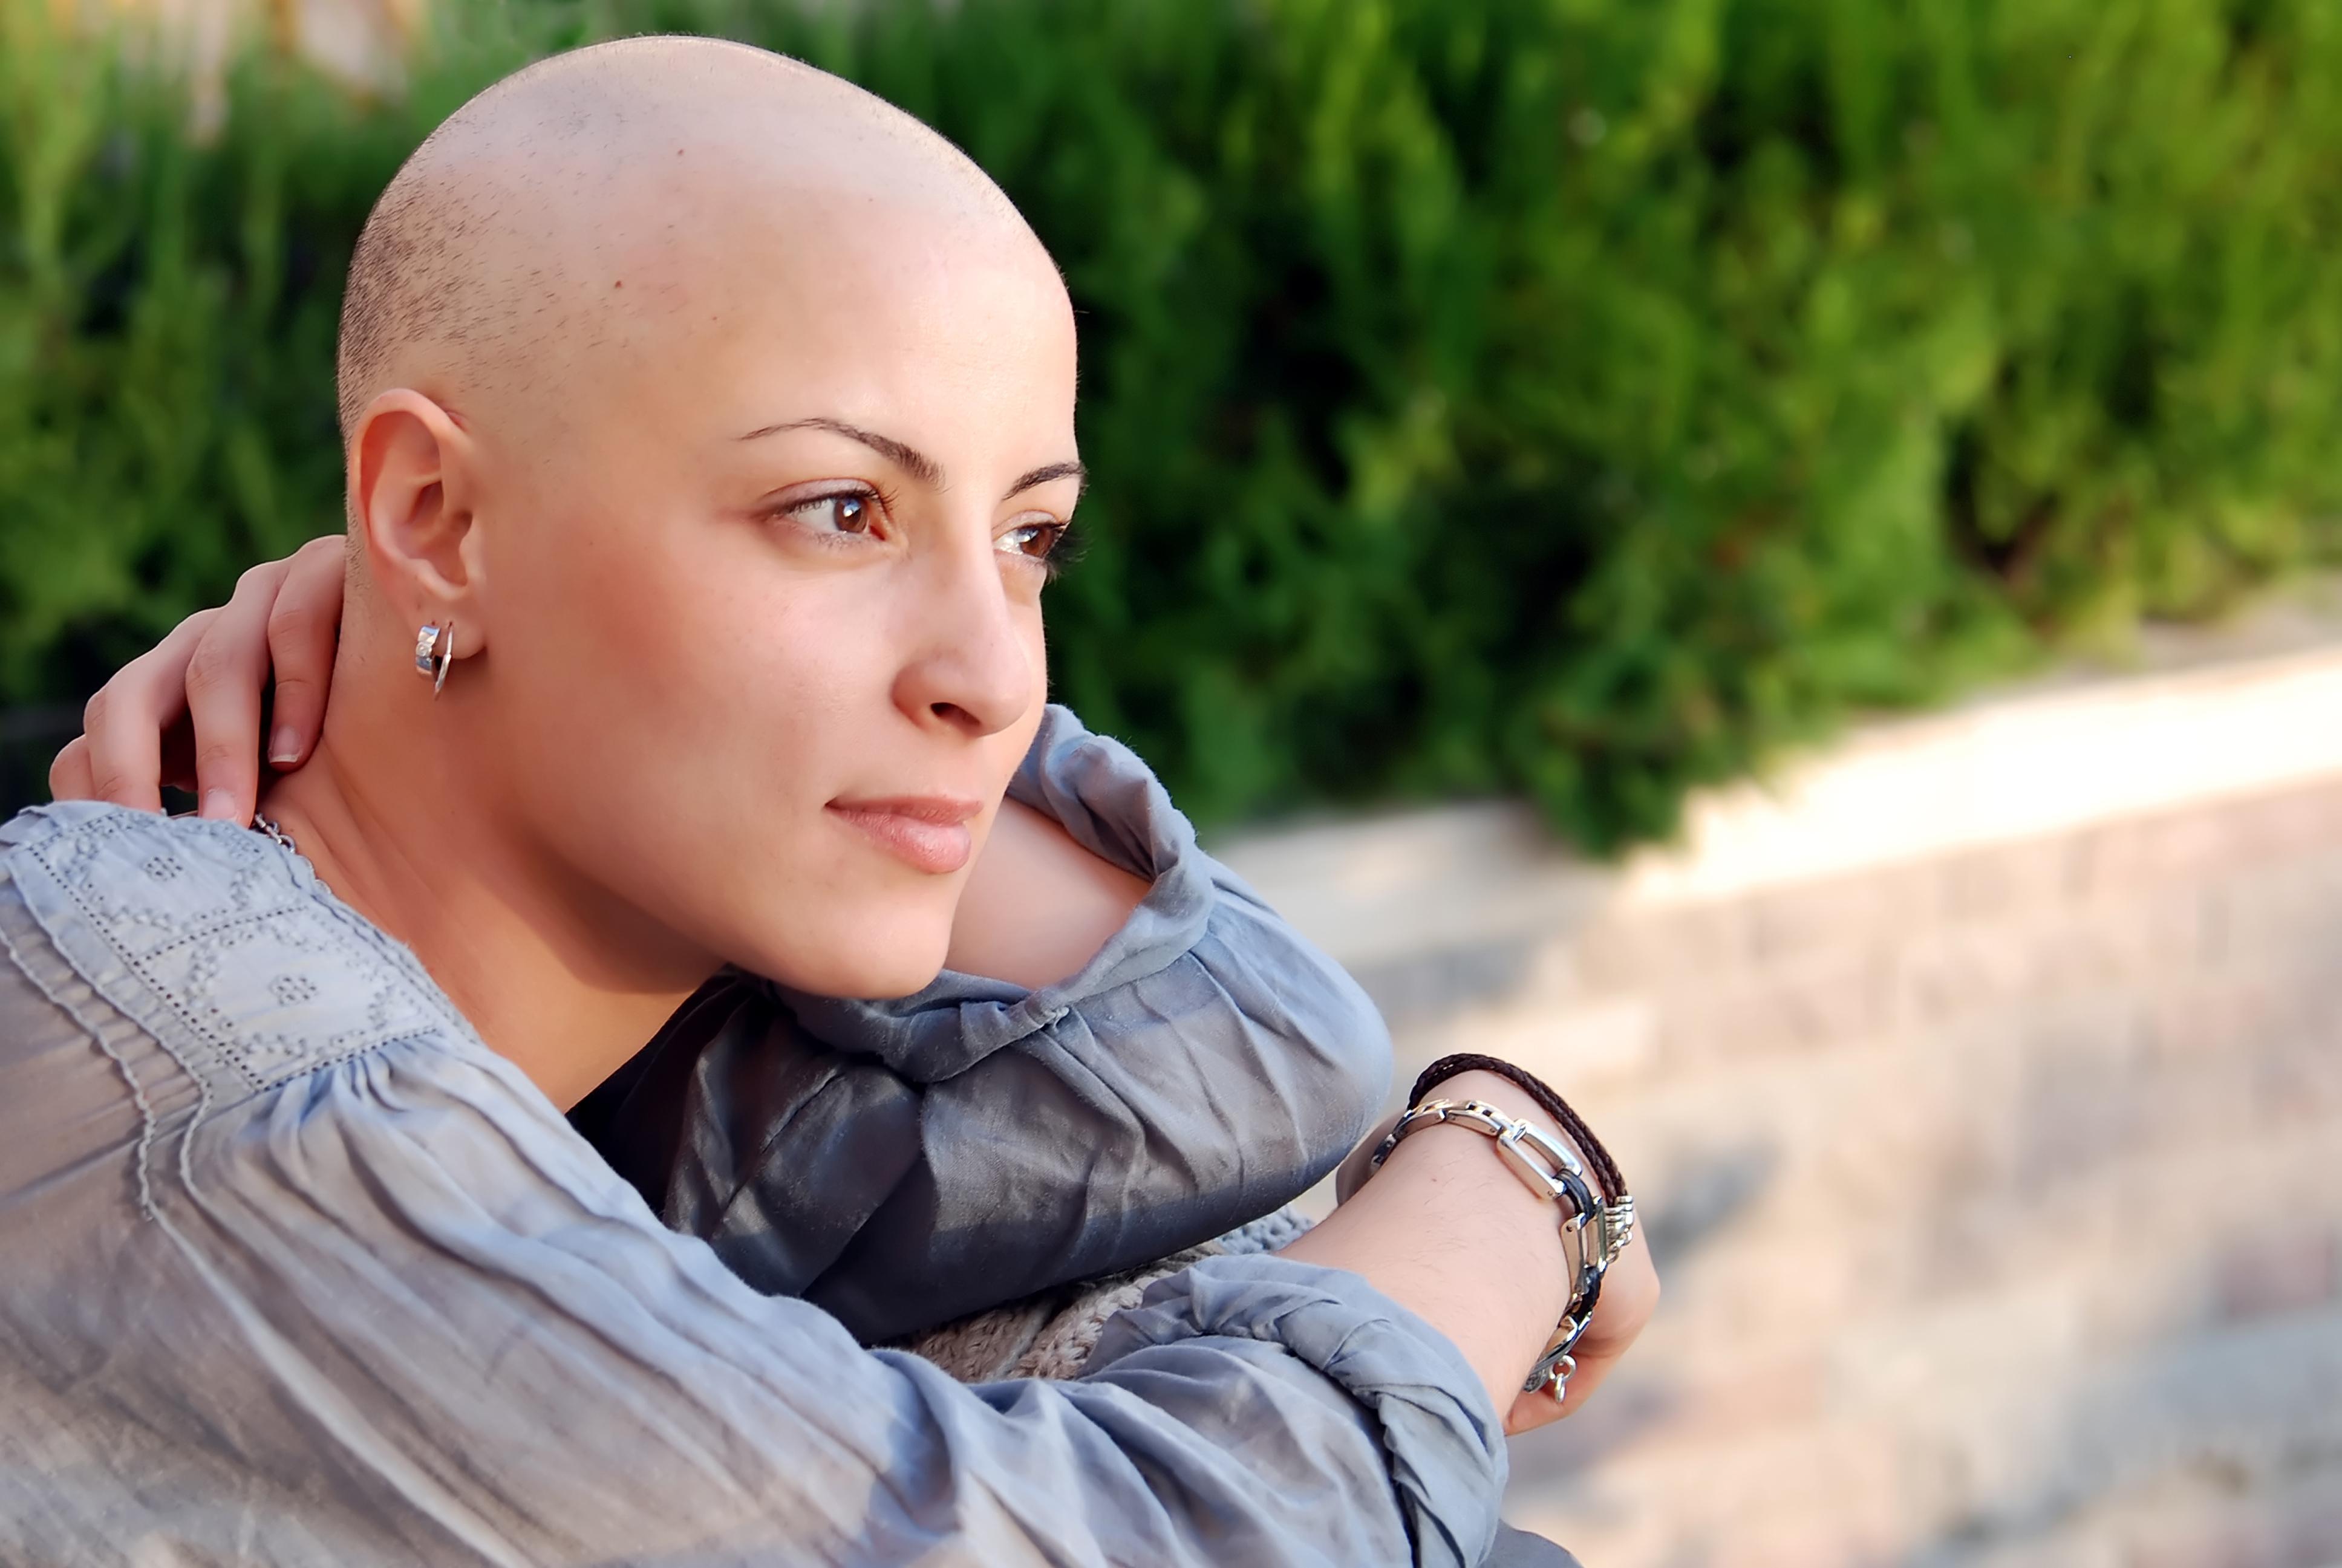 Рак так так лысая девчонка 13 фотография